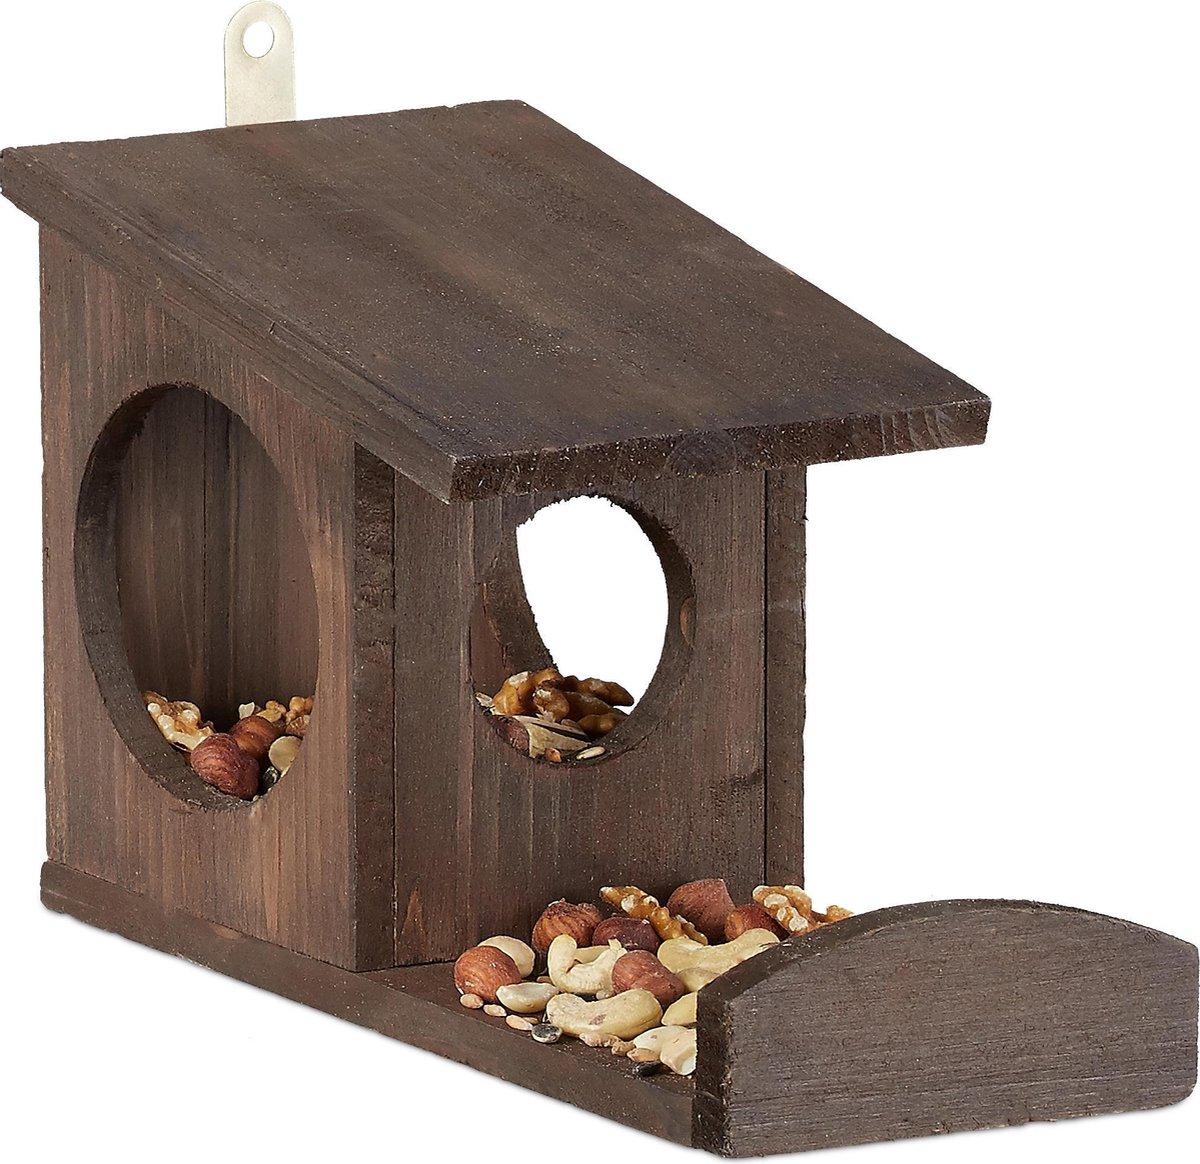 relaxdays eekhoorn voederhuisje - voederhuis - voederkast - voederbak - hout - voederplek dark Brown